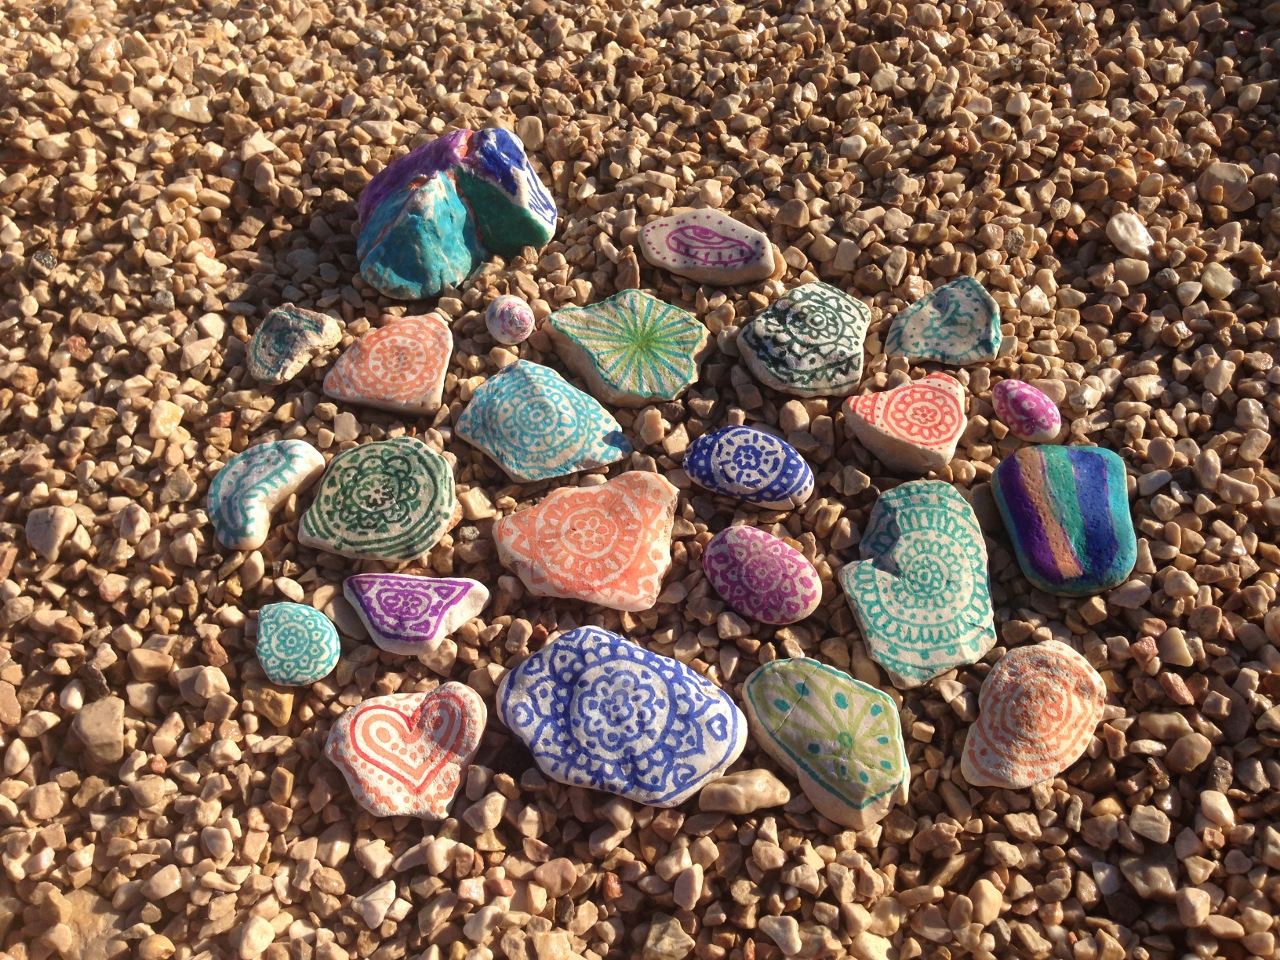 Obarvani kamni